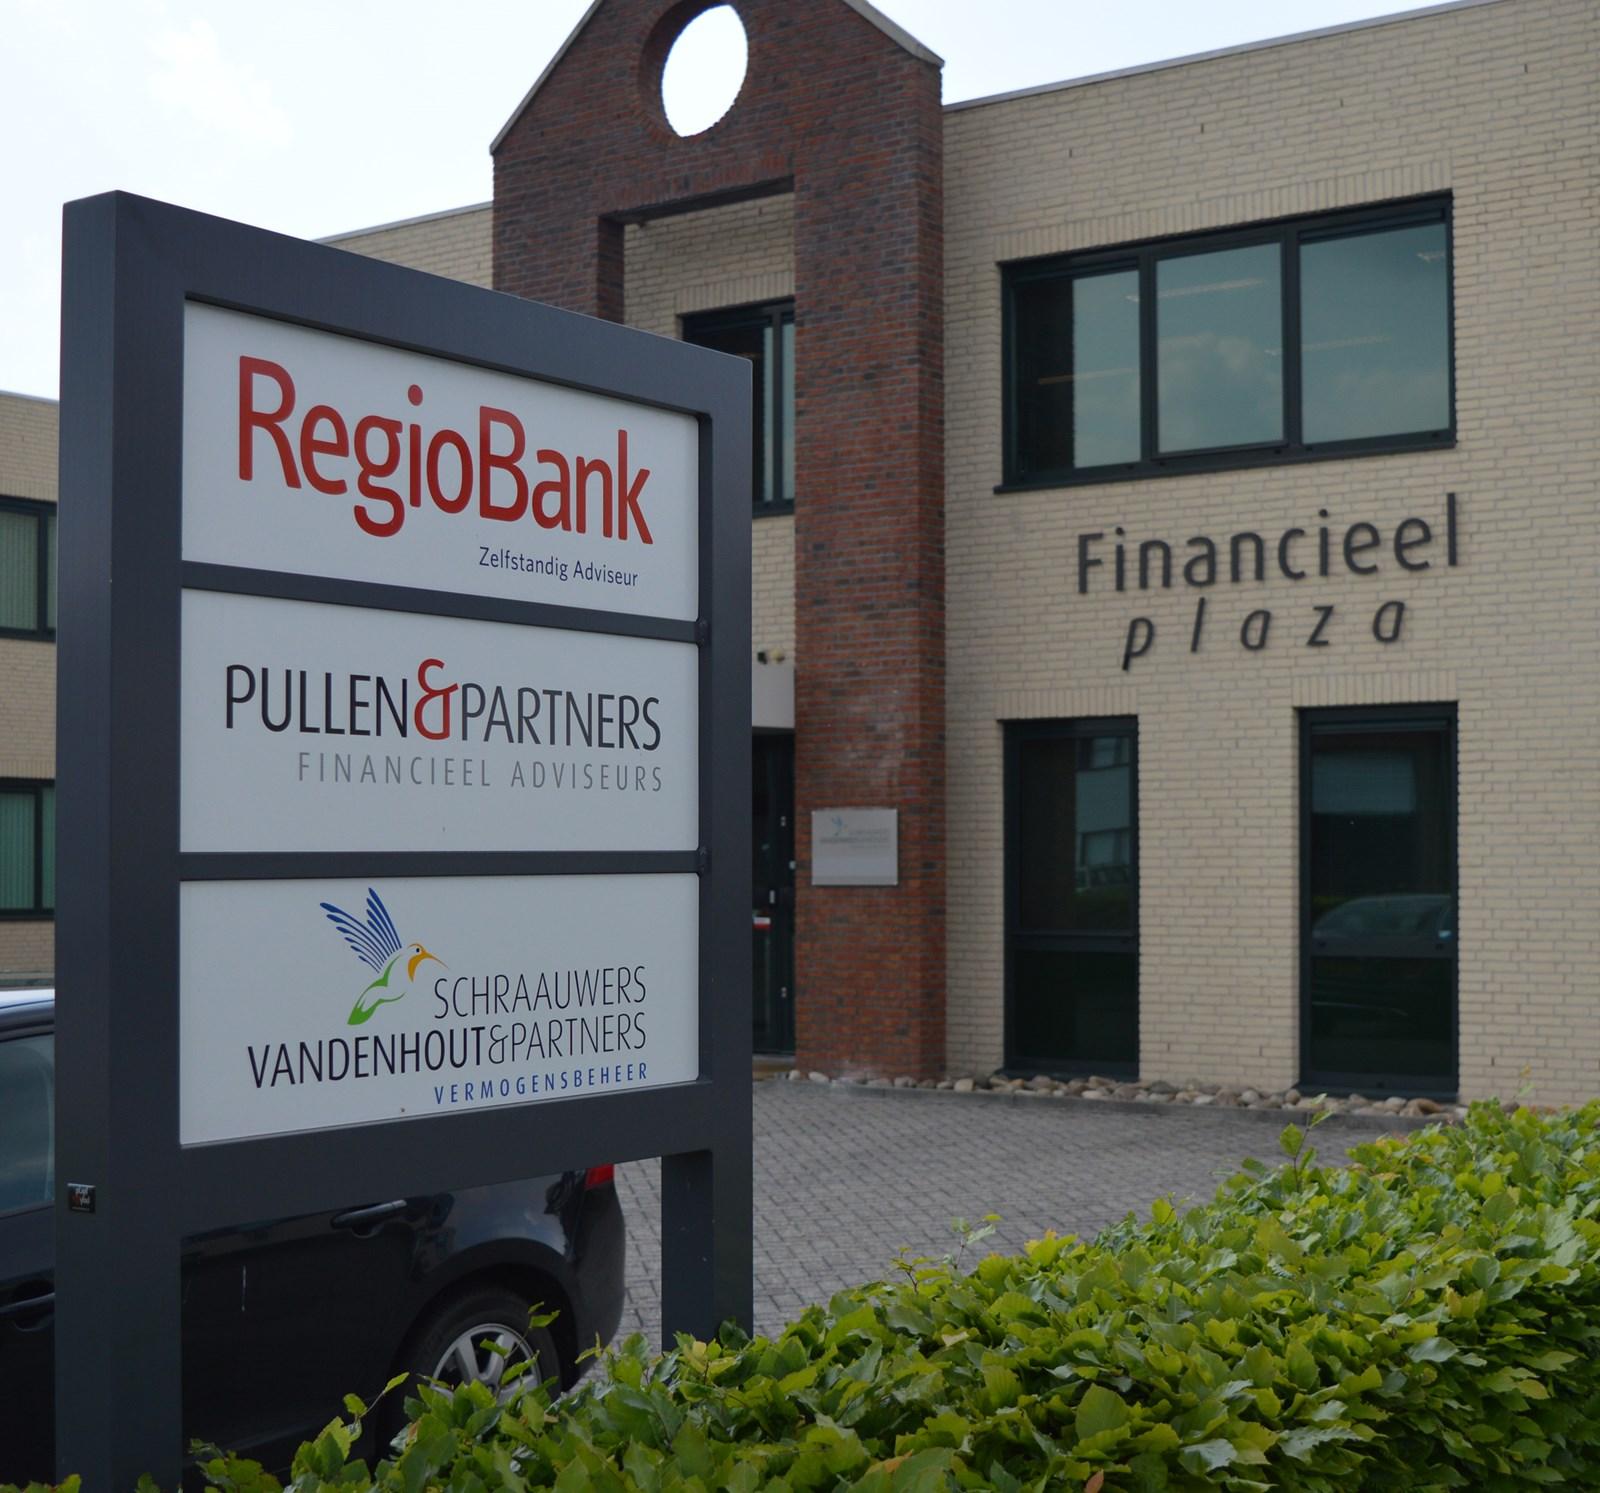 Foto van Pullen & Partners, Financieel adviseurs